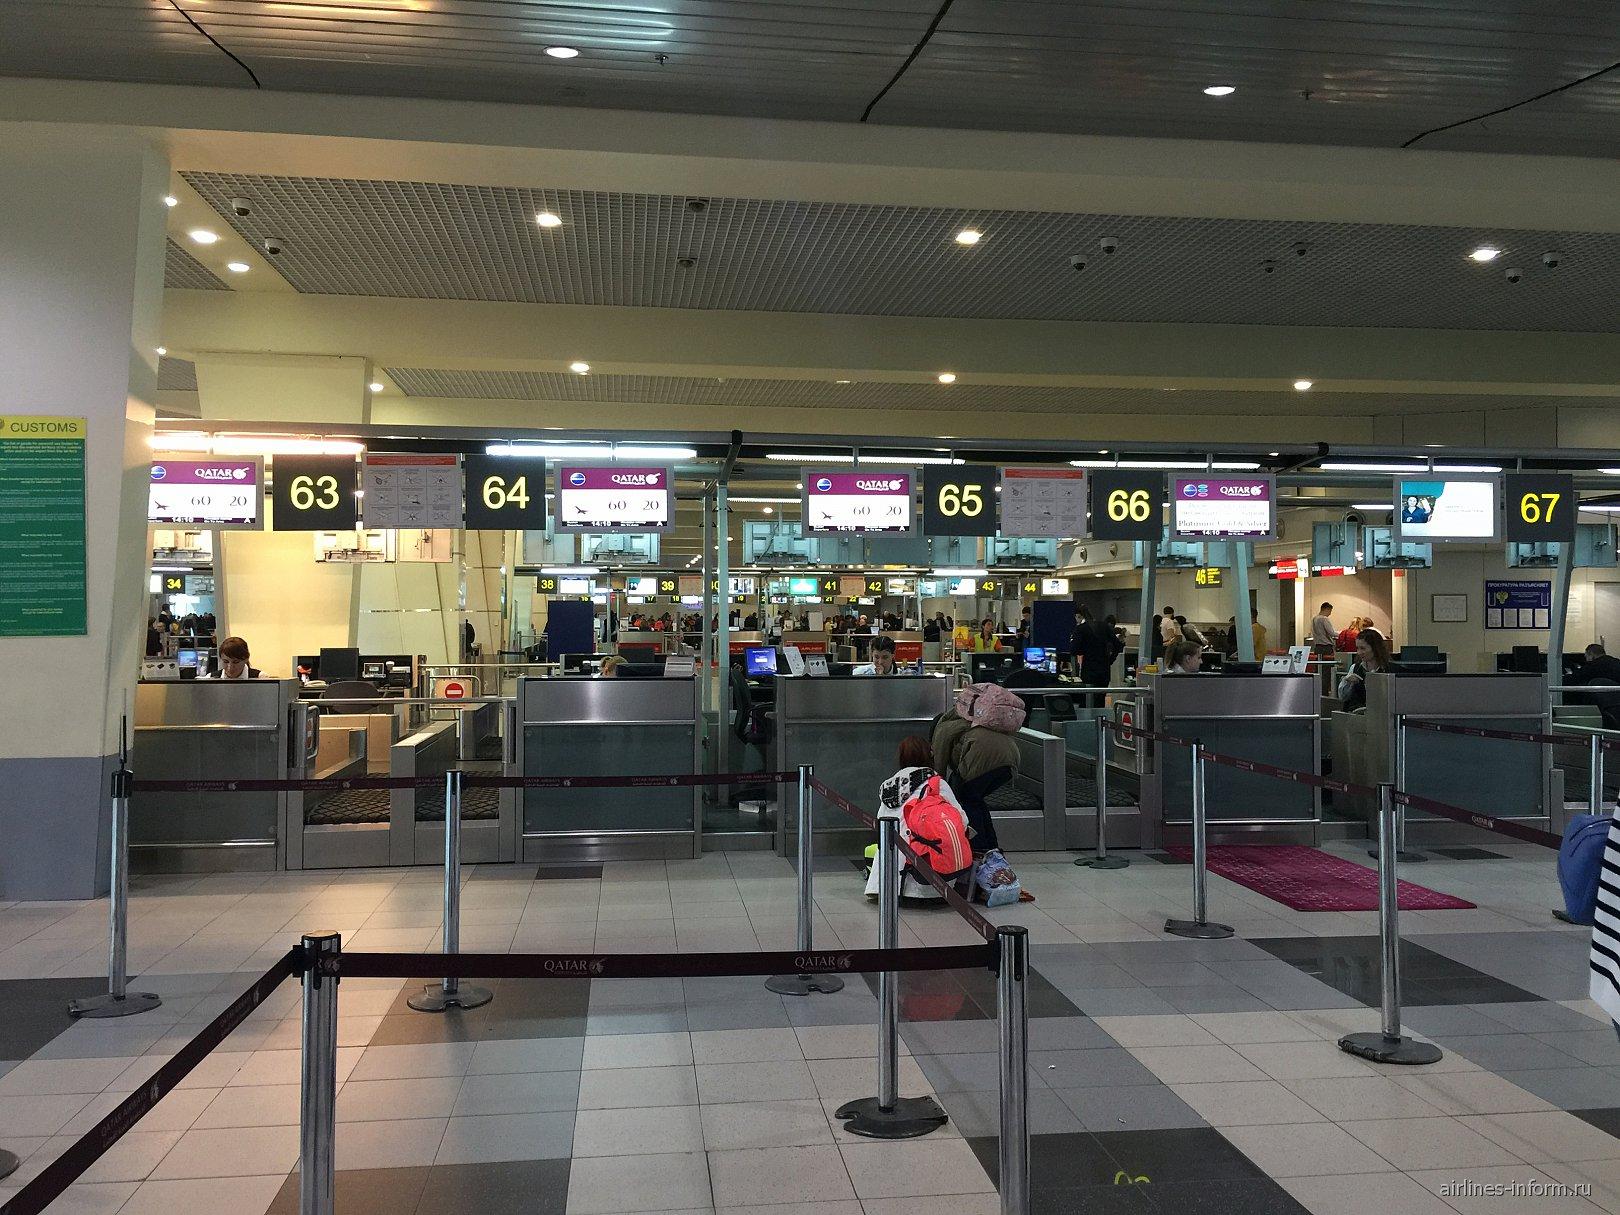 Регистрация на рейс Катарских авиалиний в аэропорту Домодедово